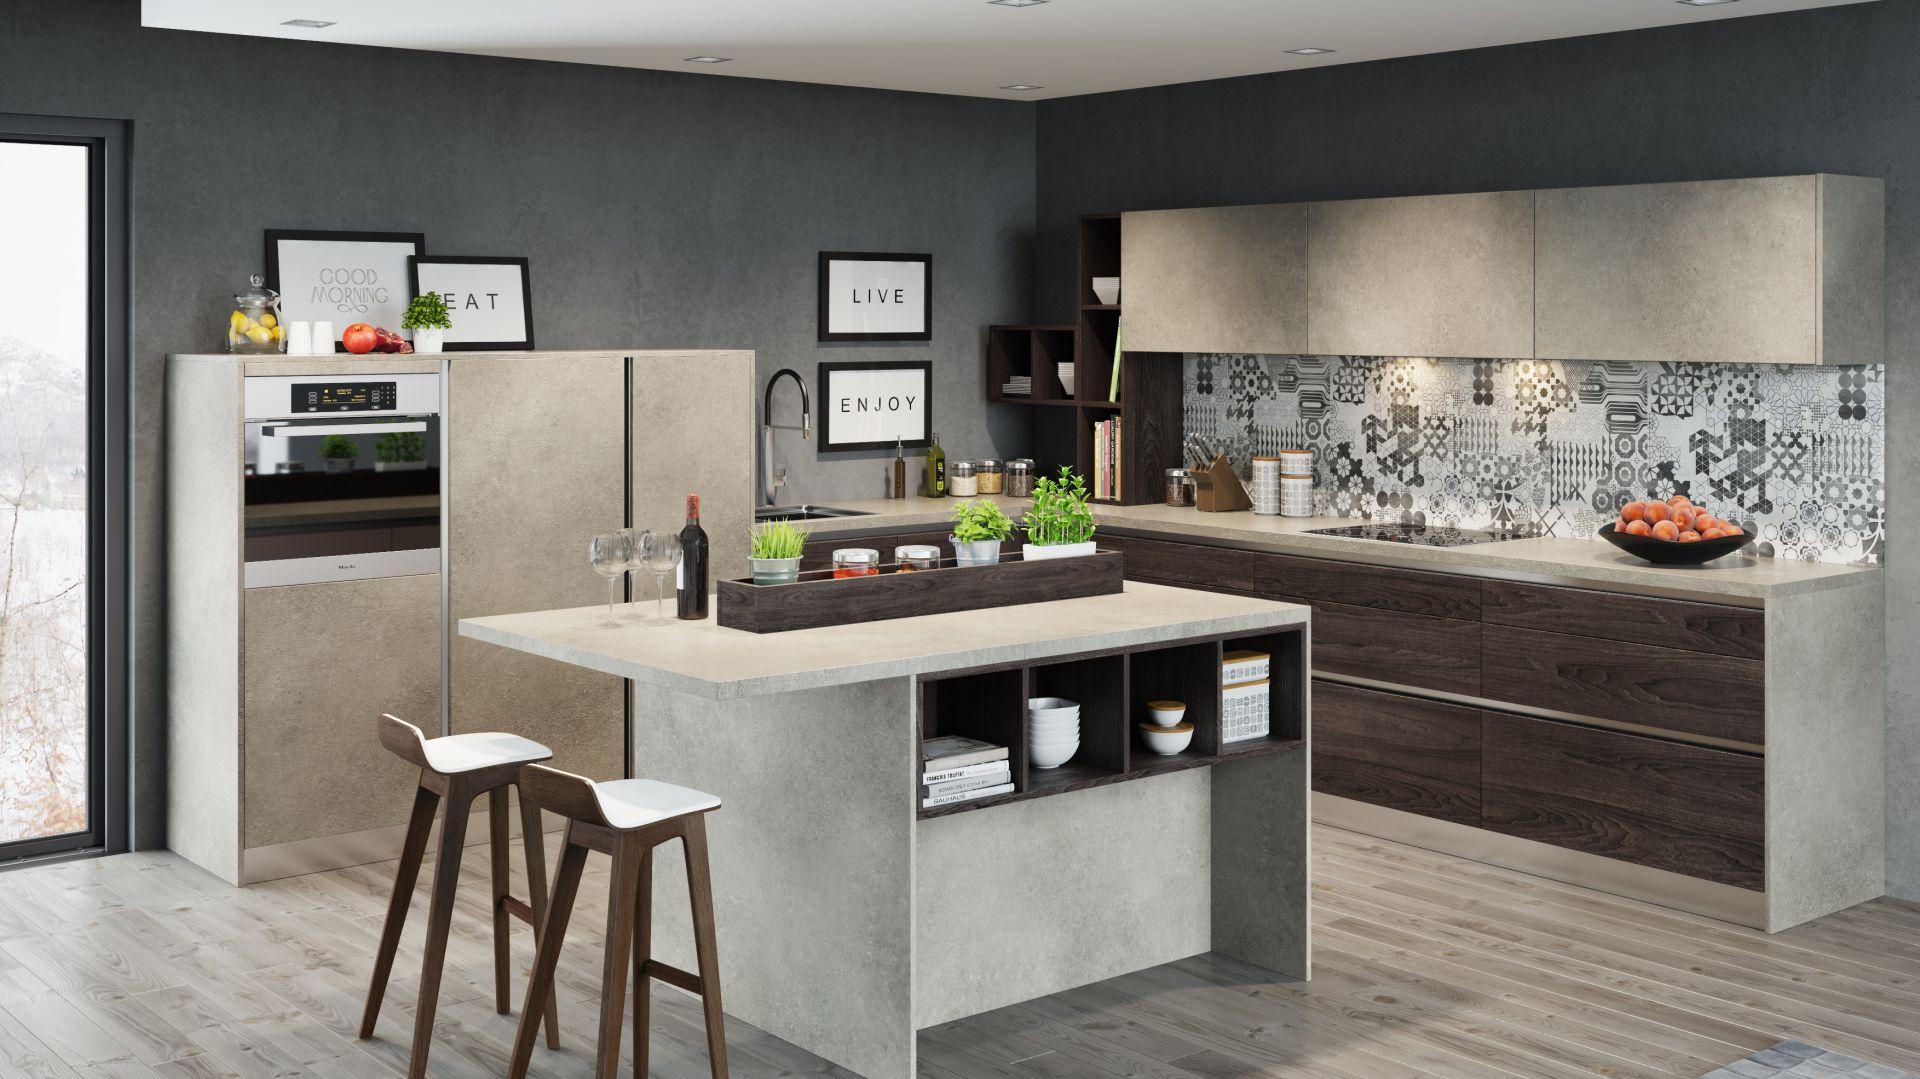 Odpowiednio wytrzymałe półki są bardzo ważne. W kuchni przechowujemy bowiem ciężkie przedmioty. Fot. KAM